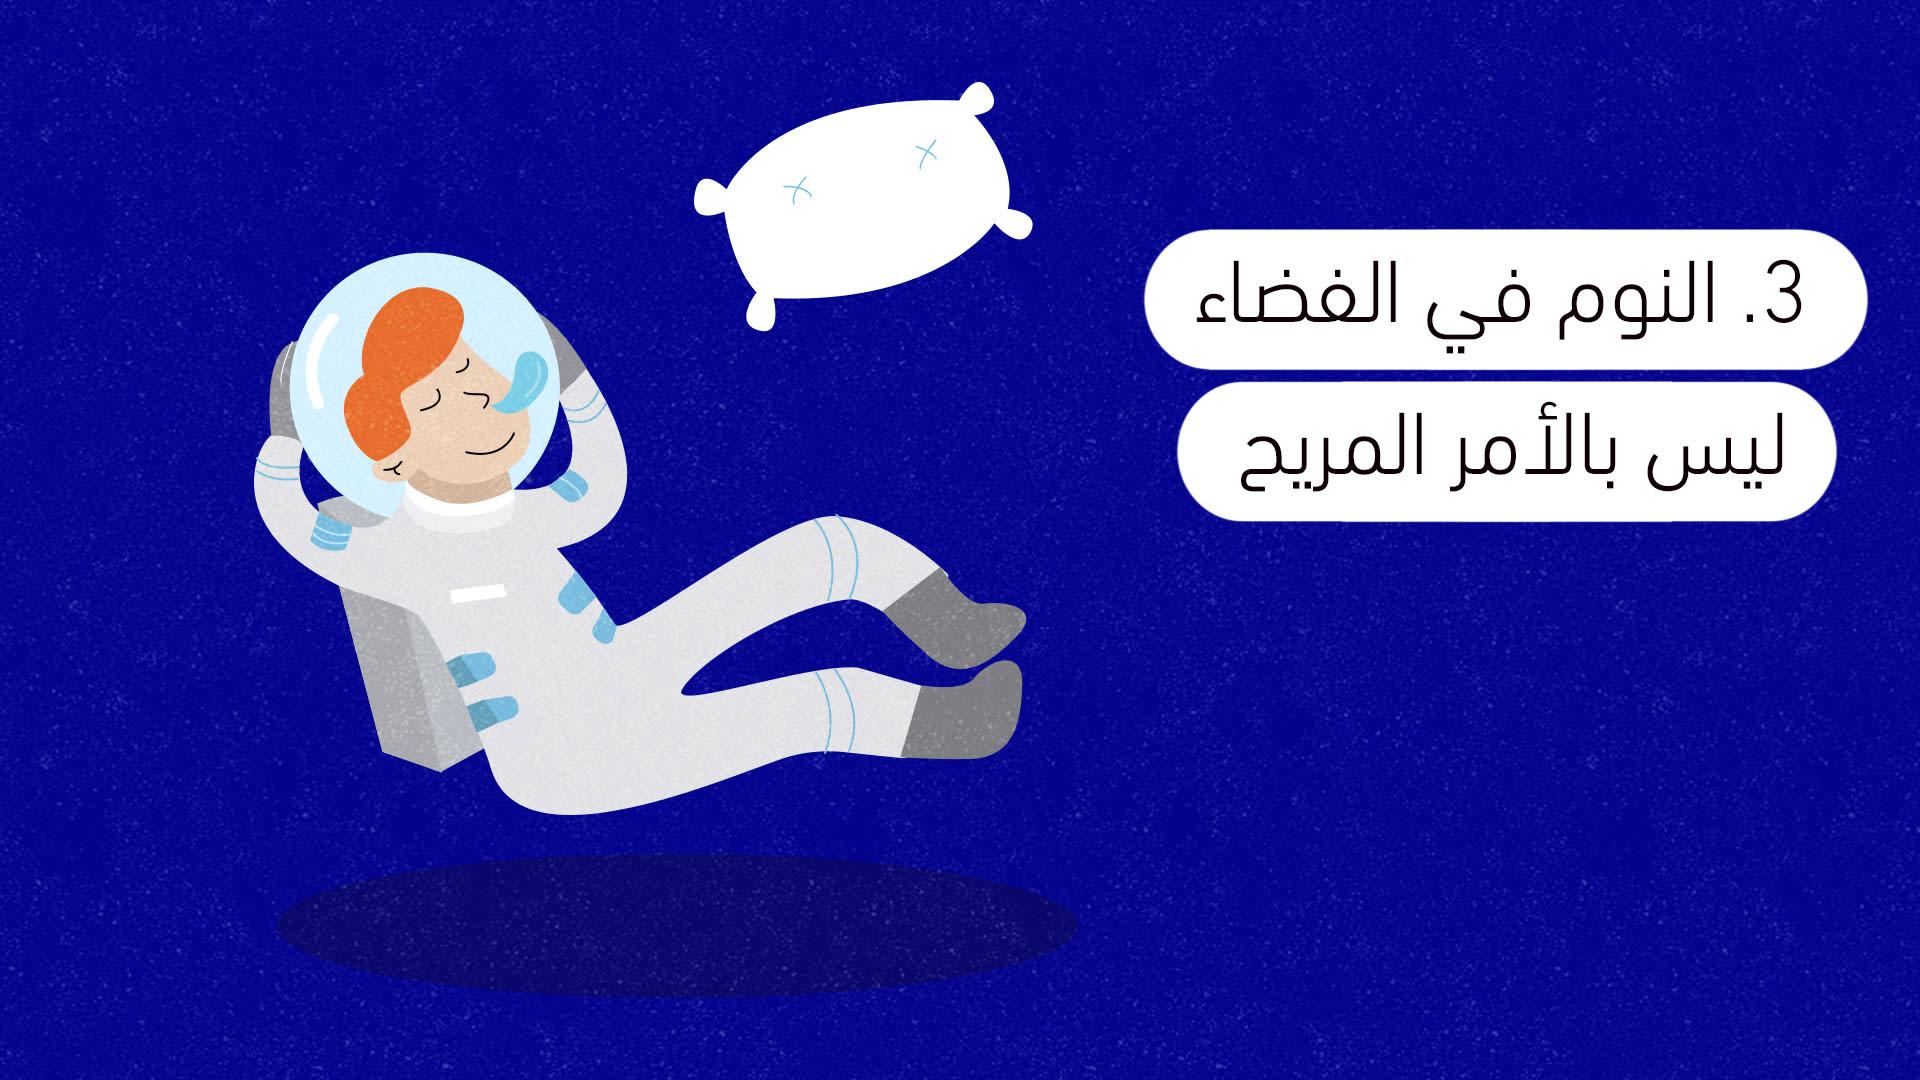 النوم في الفضاء ليس مريحا